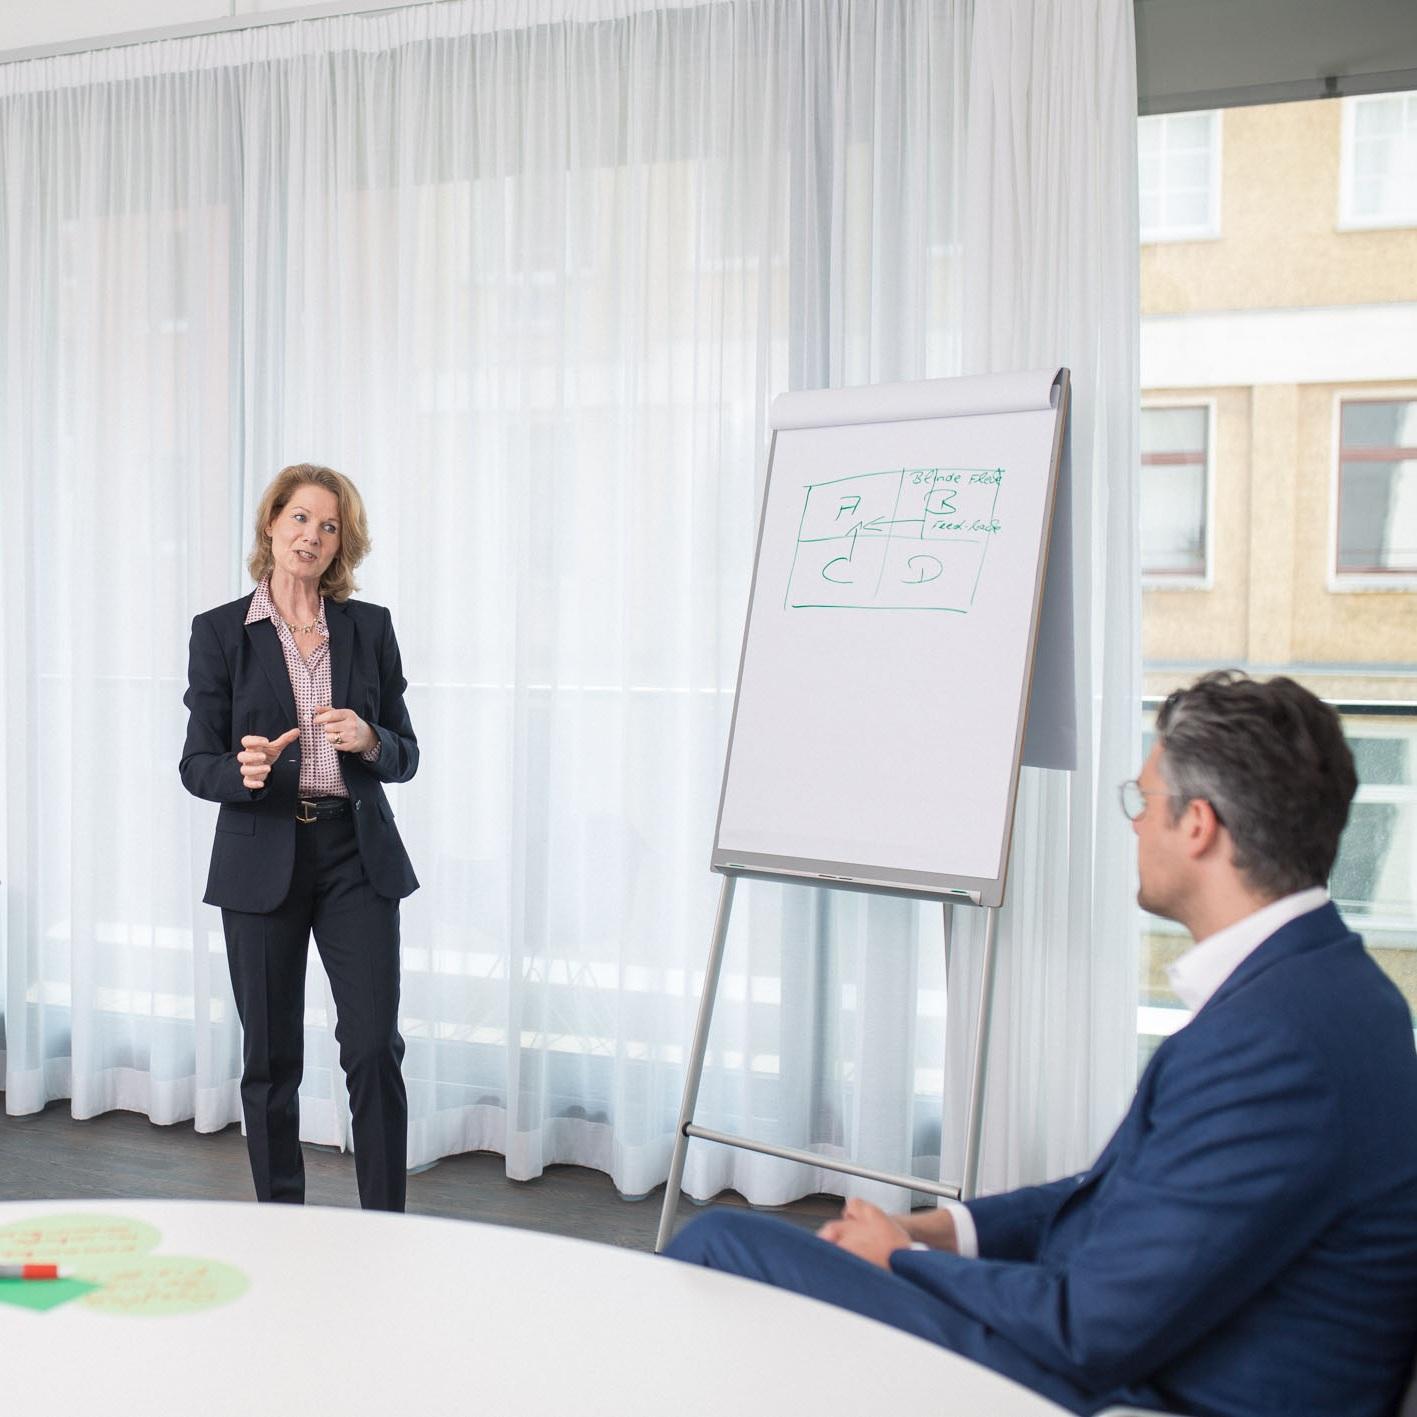 Britta-Balogh_-_Coaching-fuer-Unternehmen_-_Inhouse-Workshops_-_Foto-DAVID-SONNTAG-2019.jpg